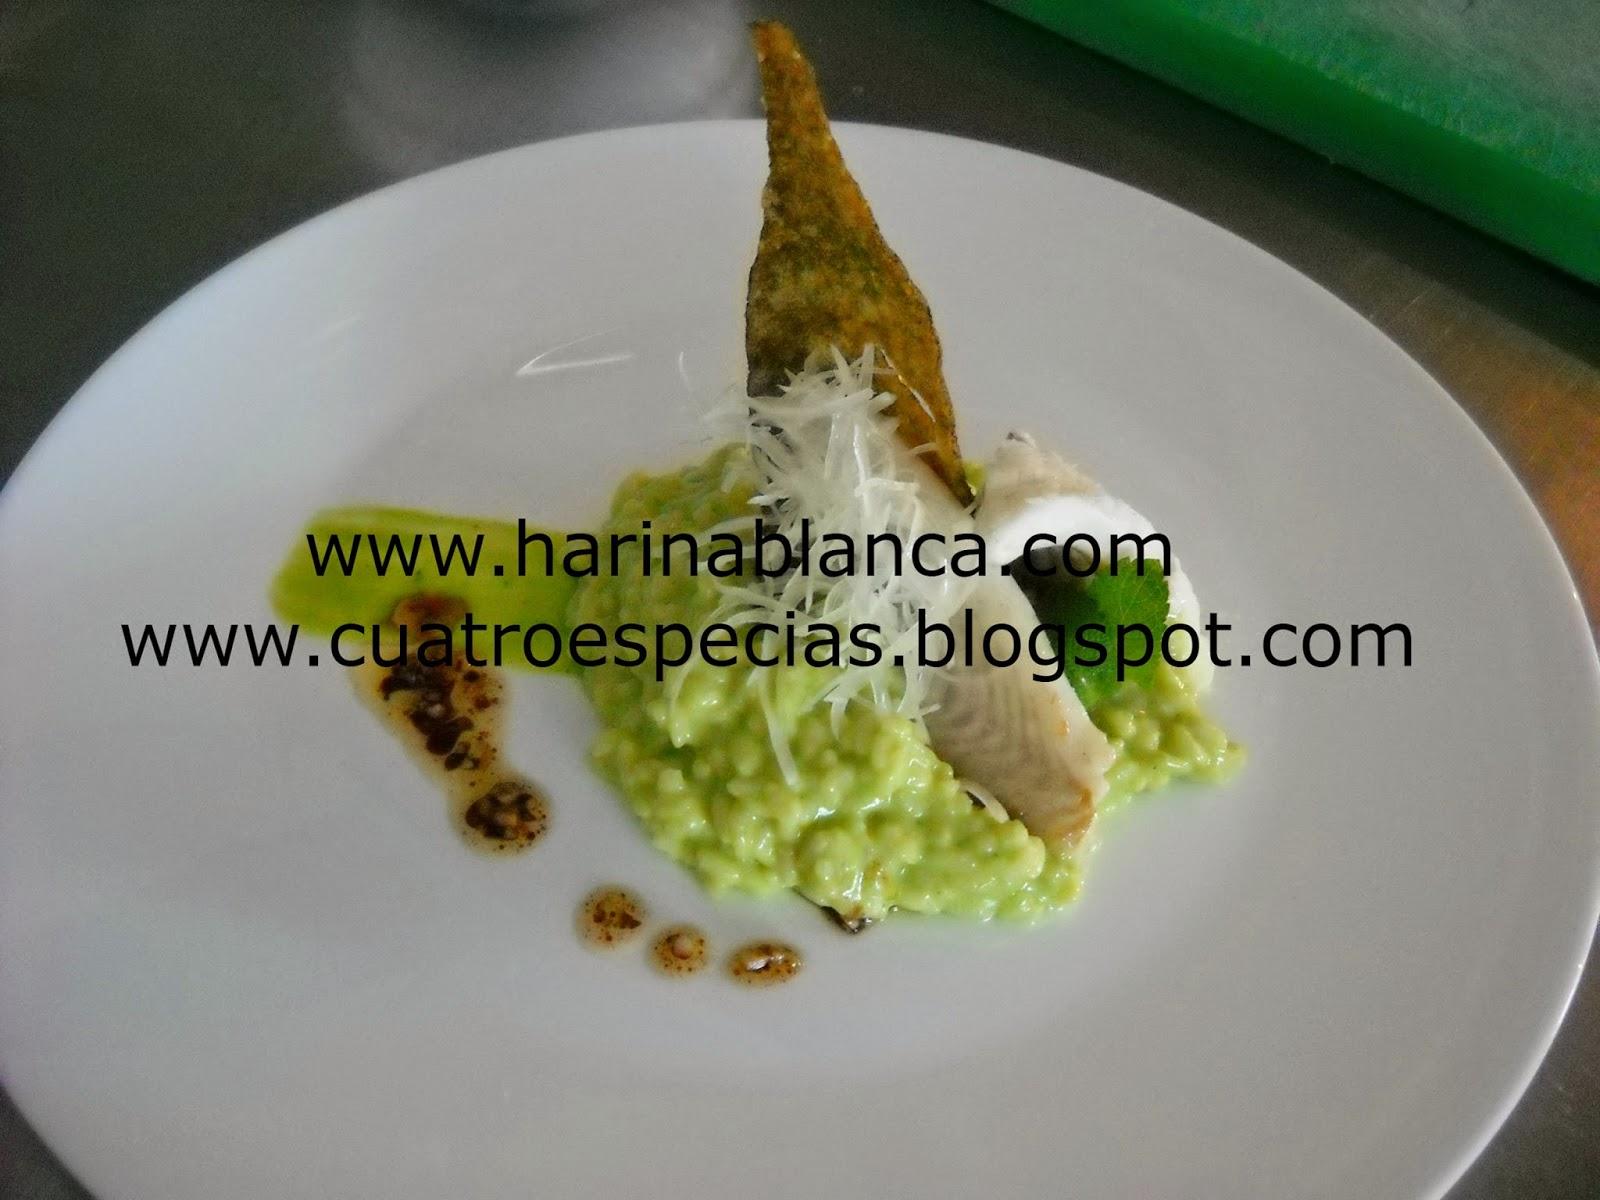 www.cuatroespecias.blogspot.com. arroz mentolado